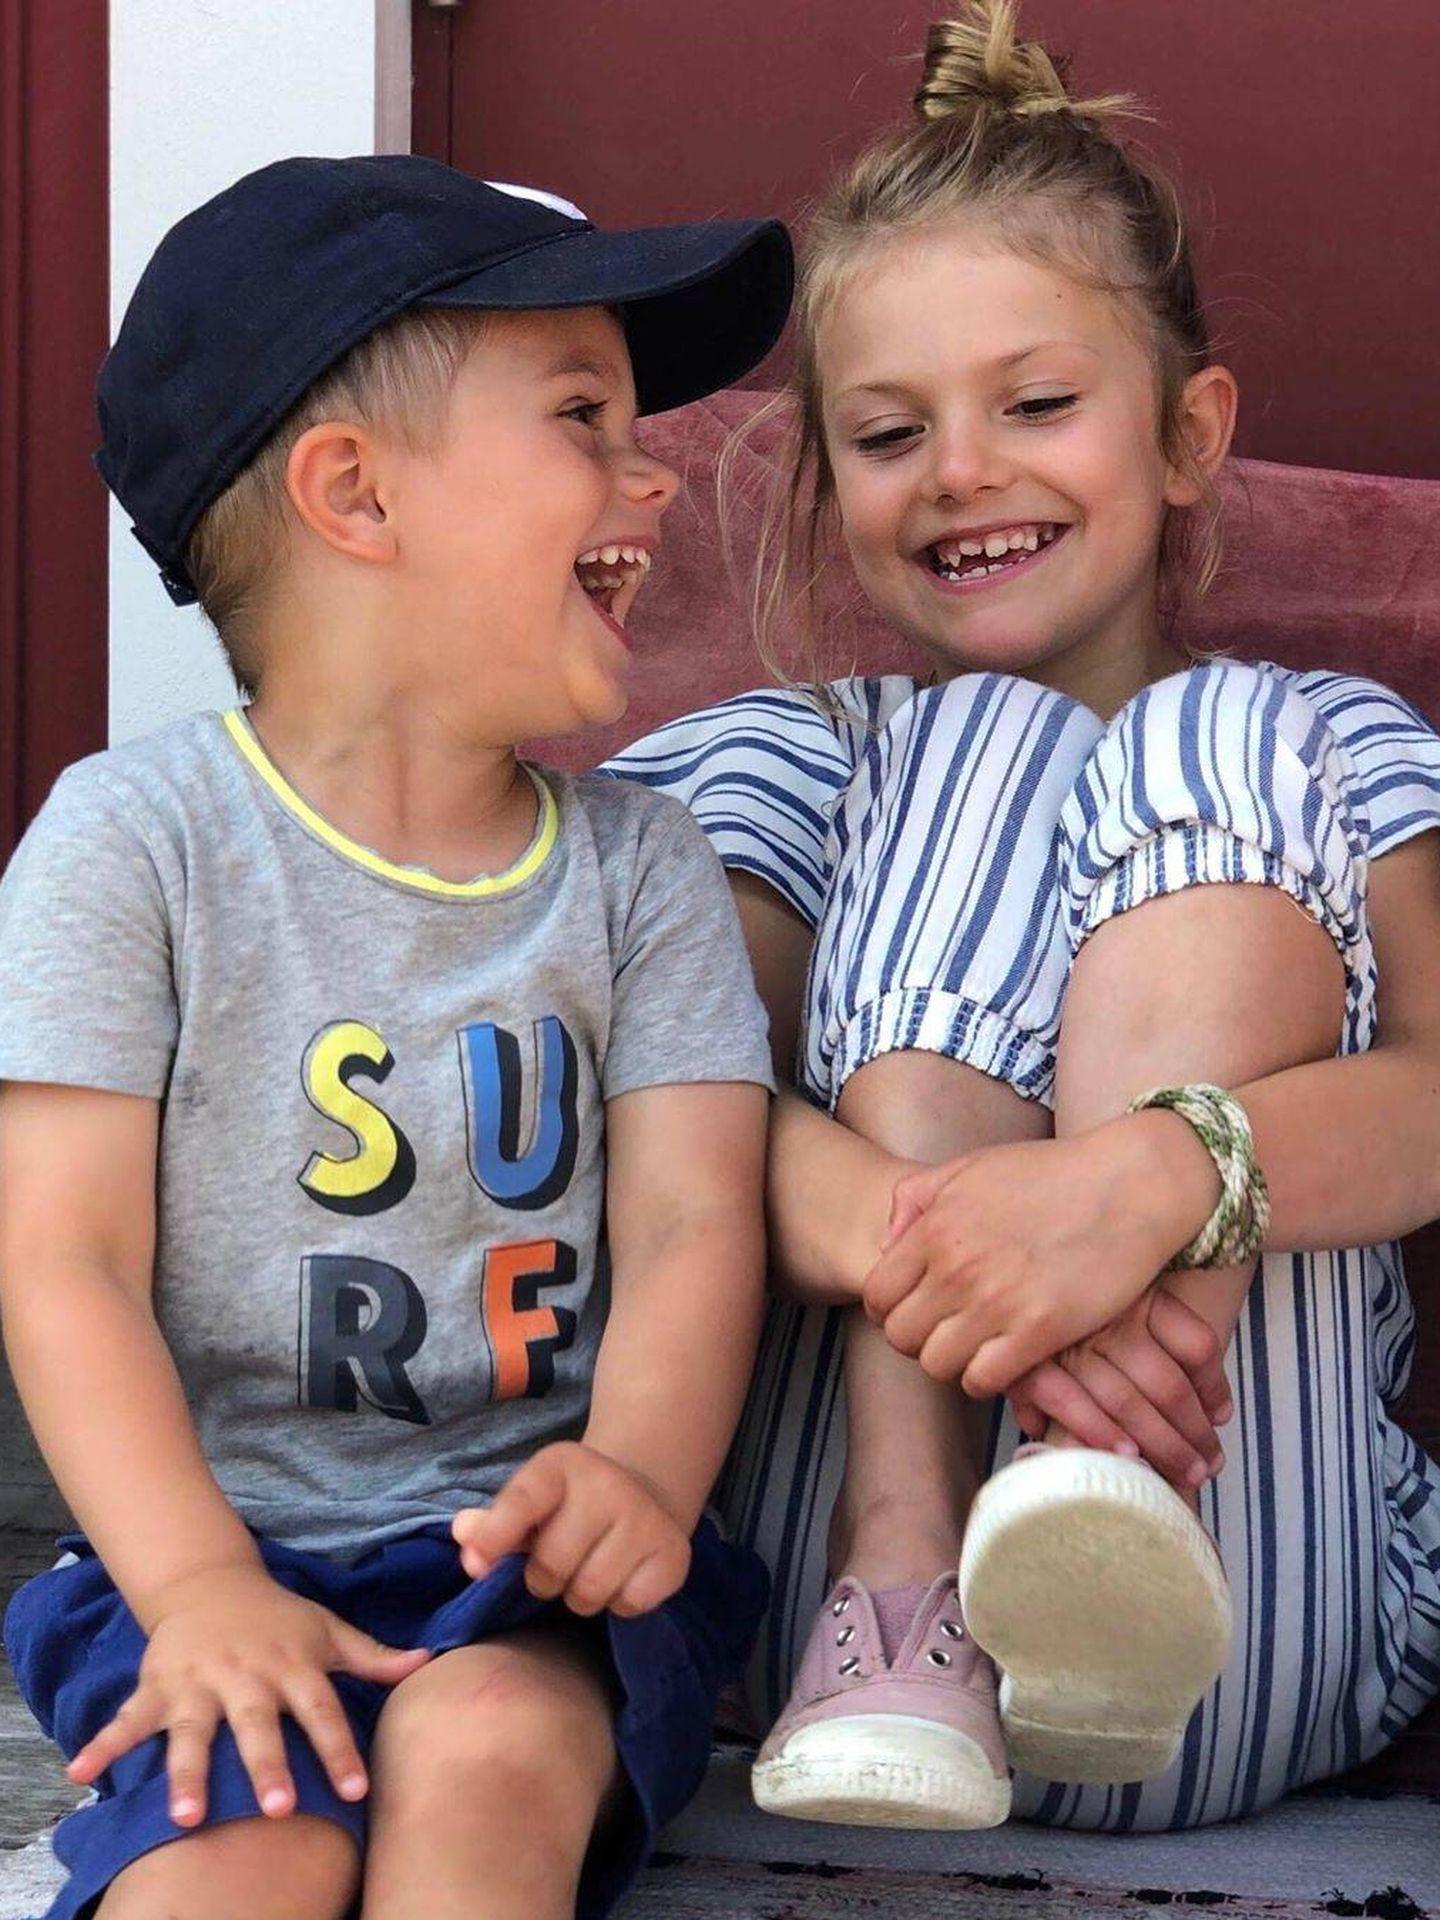 Estelle y Oscar, en una imagen del verano pasado tomada por la princesa Victoria. (Princesa Victoria / Kungahuset)